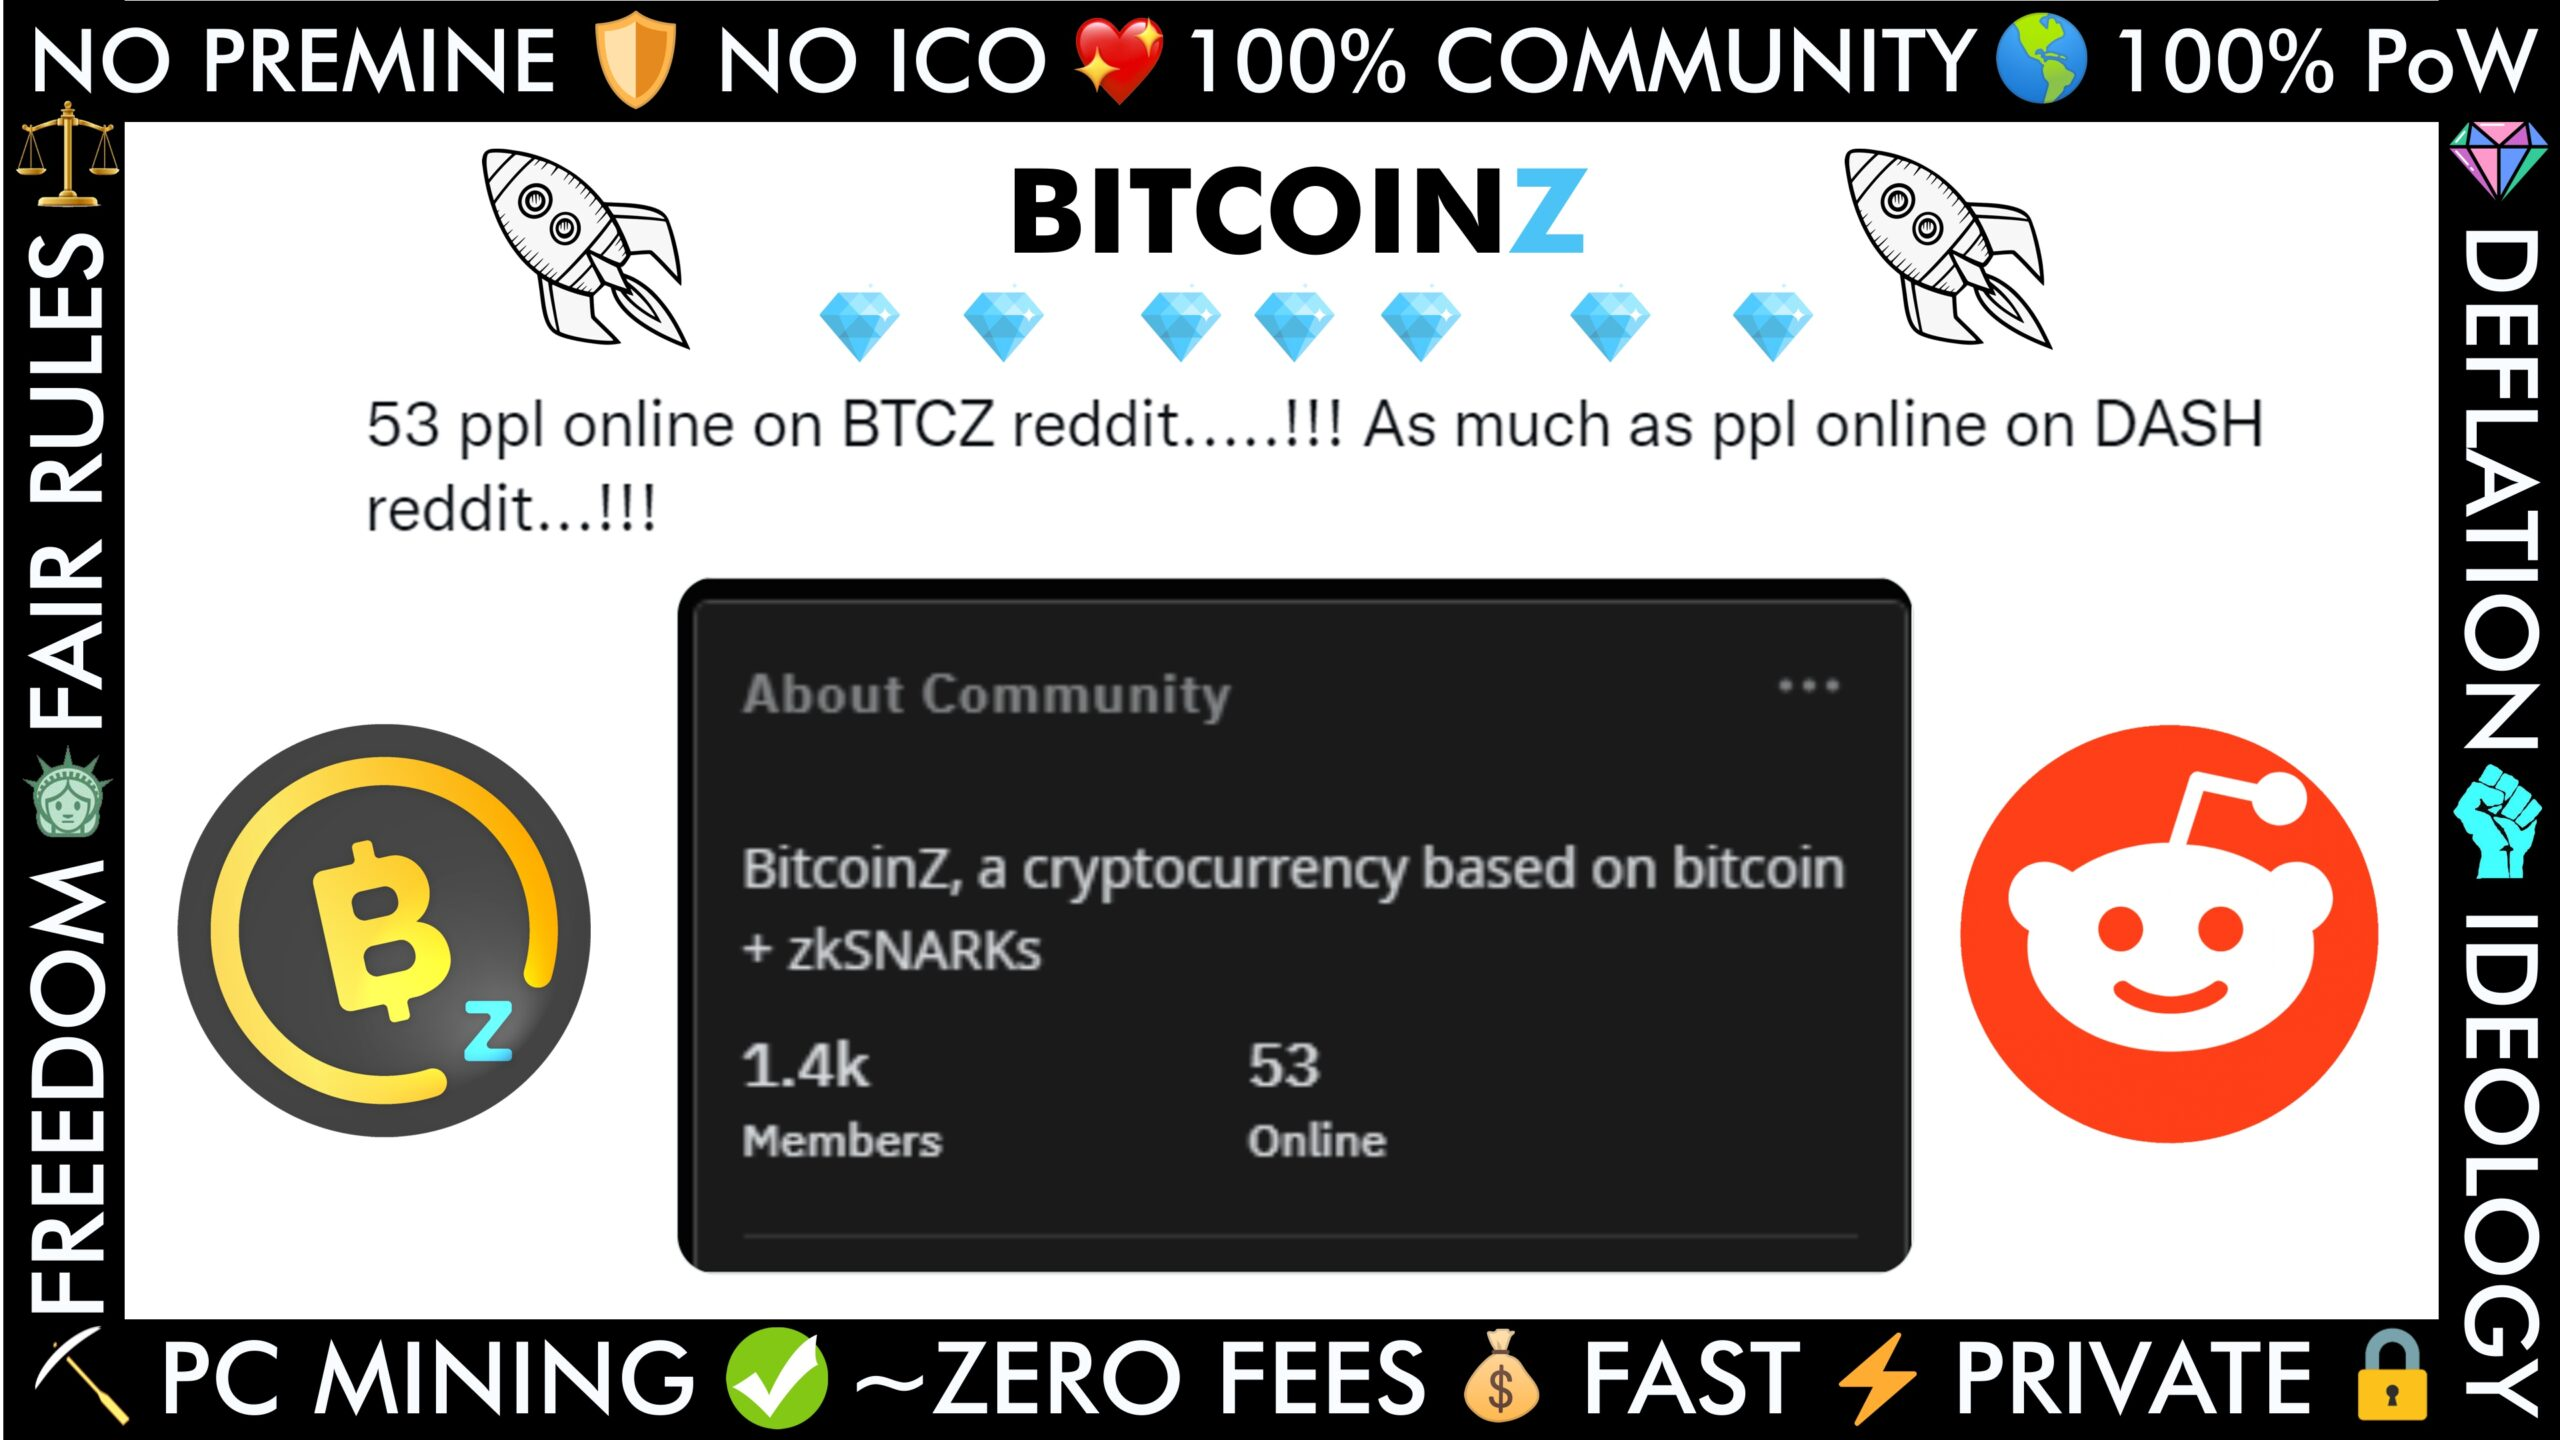 BITCOINZ BOOM in Reddit!